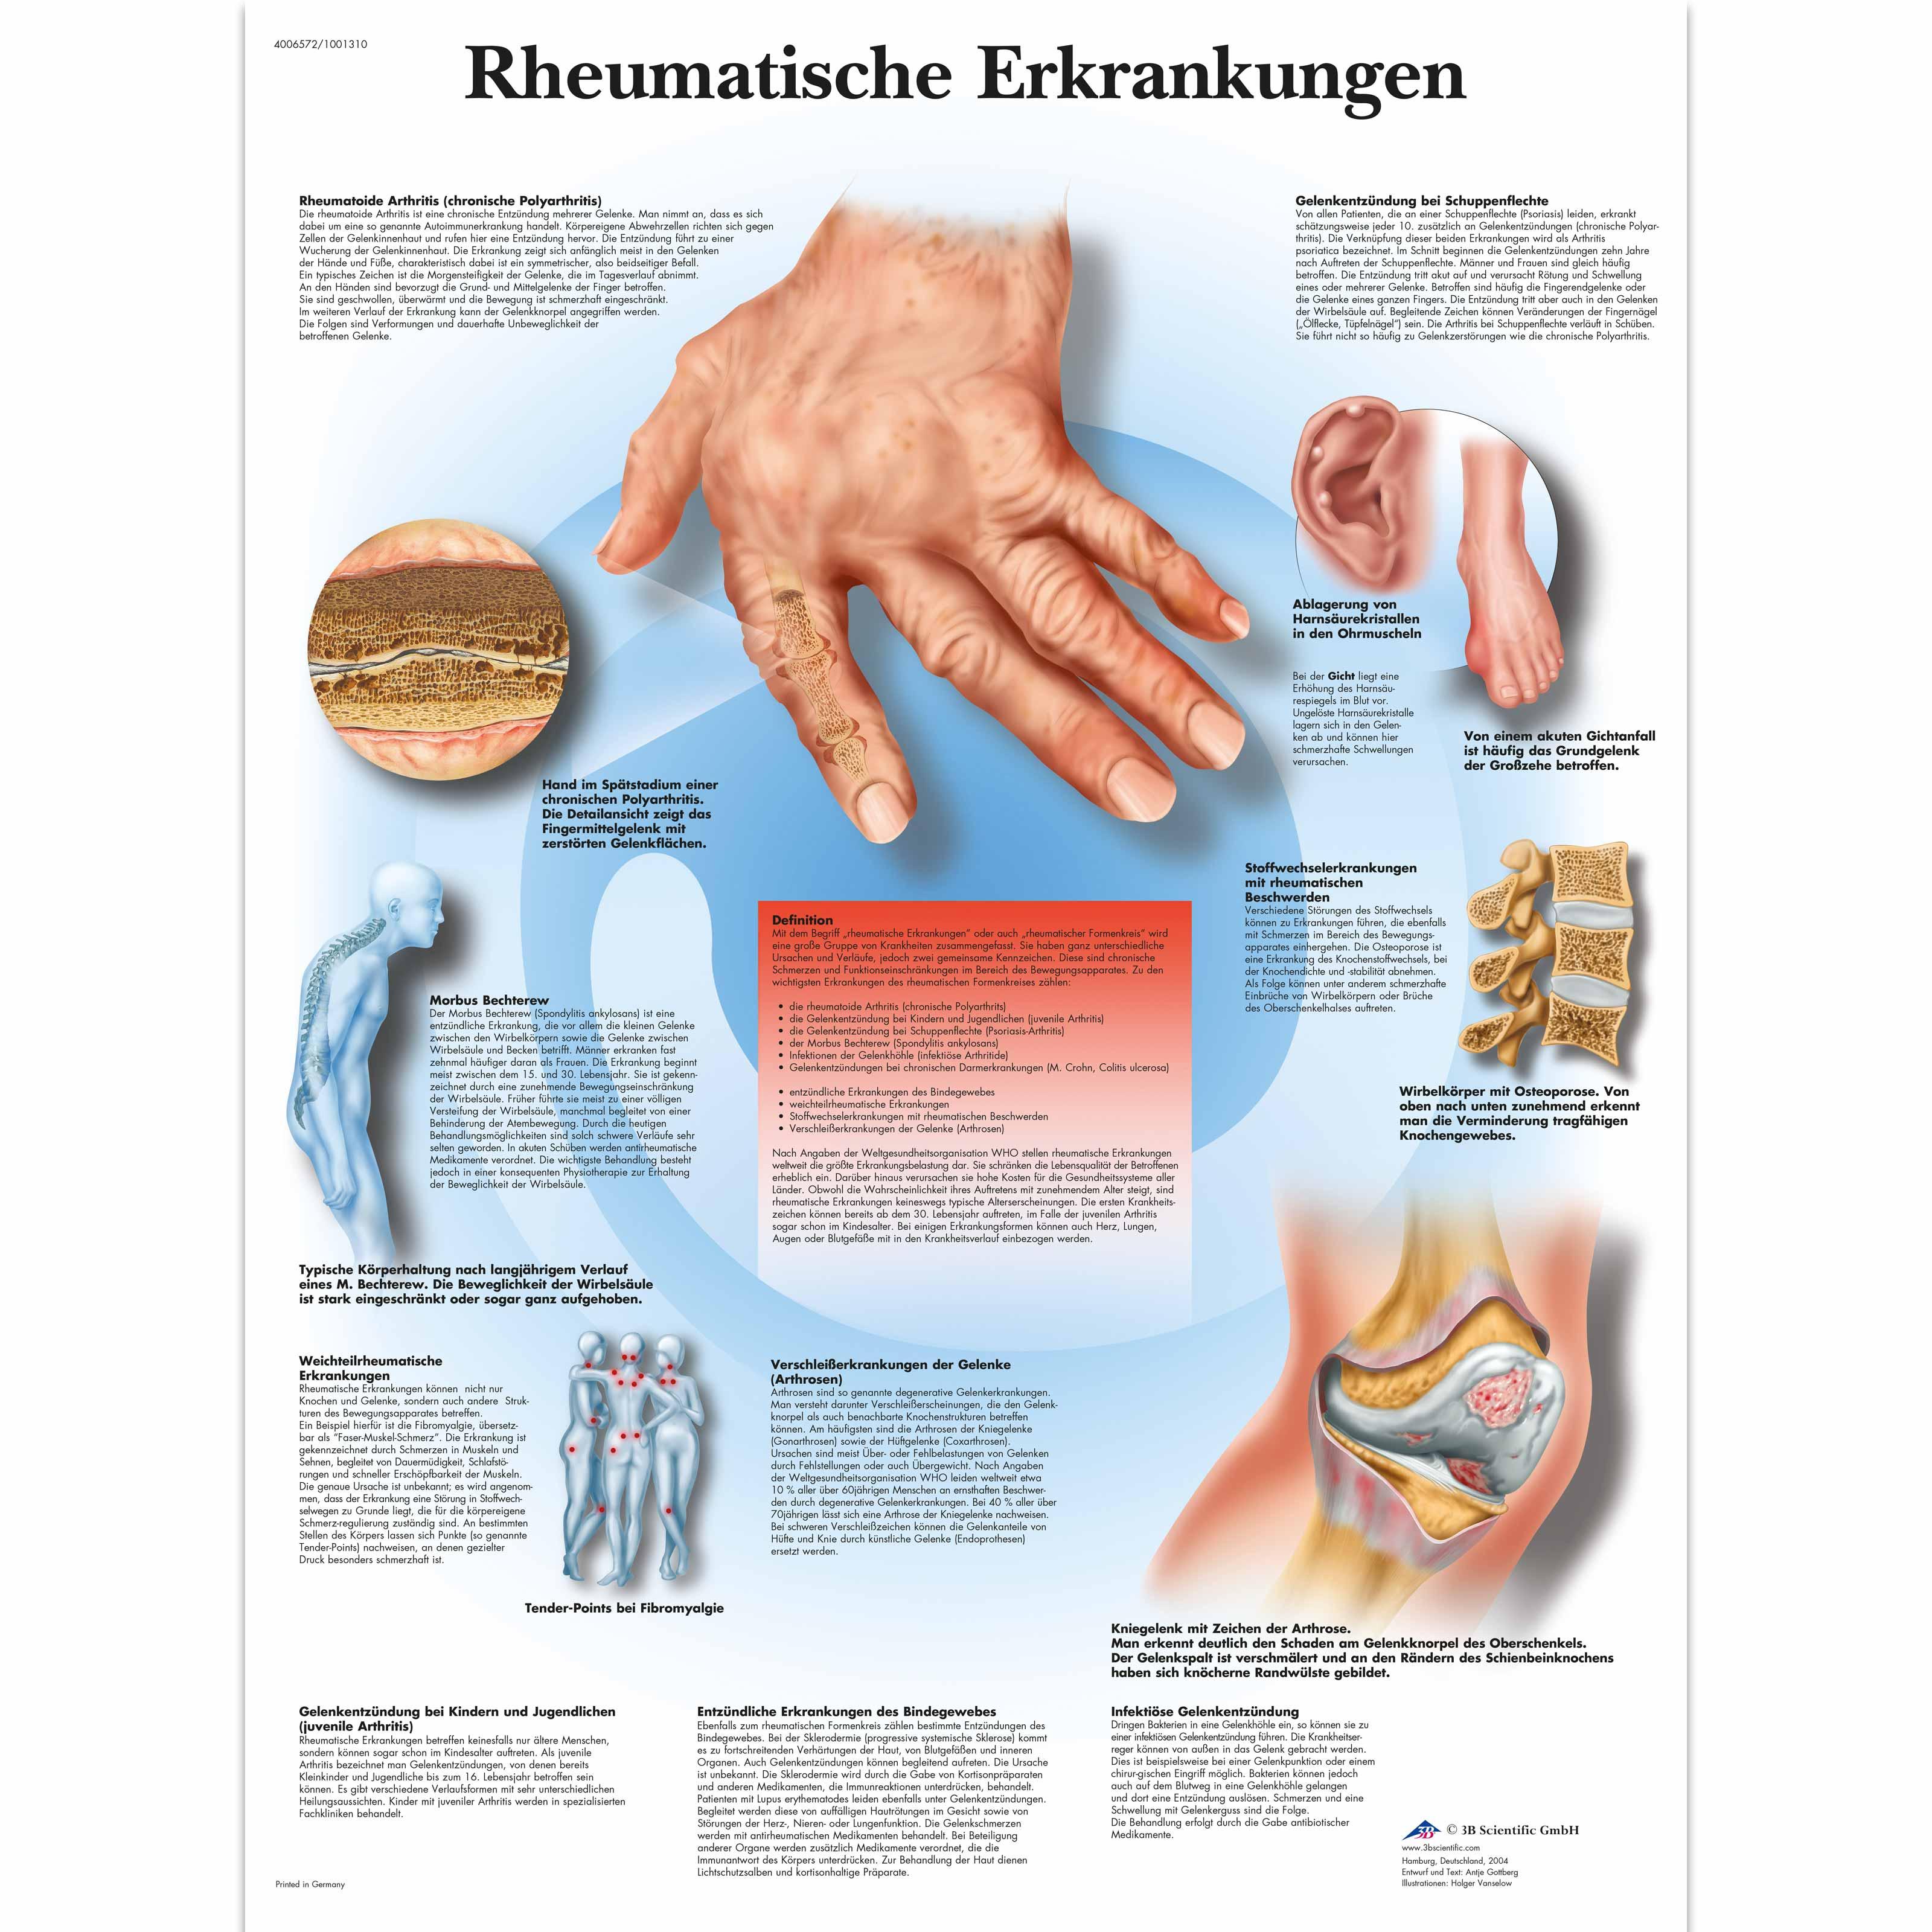 Entzündliche Gelenk- und Wirbelsäulenerkrankungen